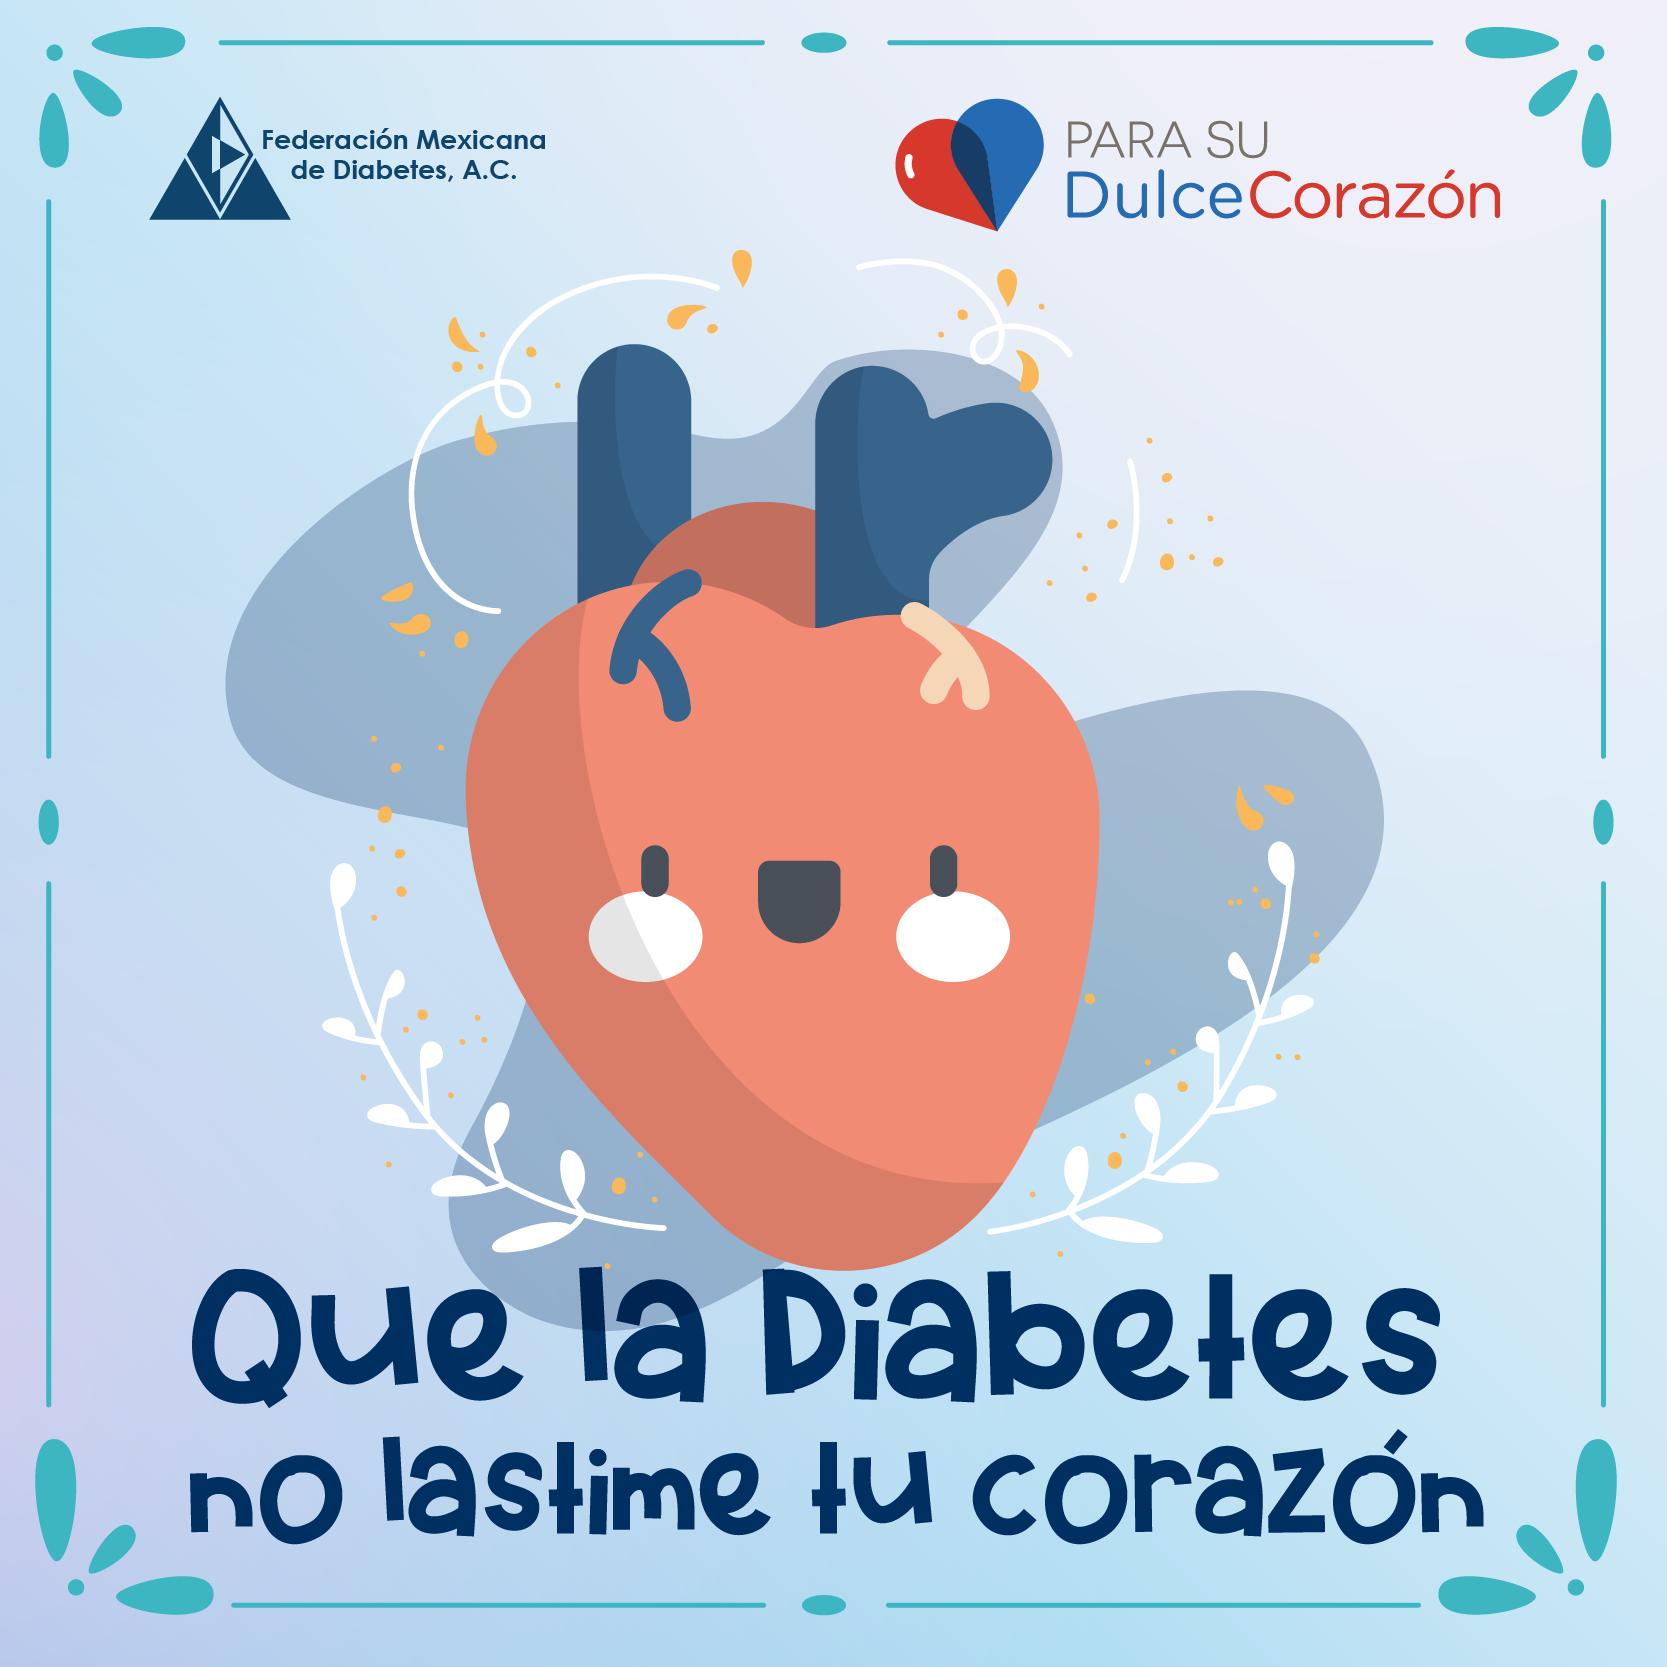 Que la Diabetes no lastime a tu corazón.